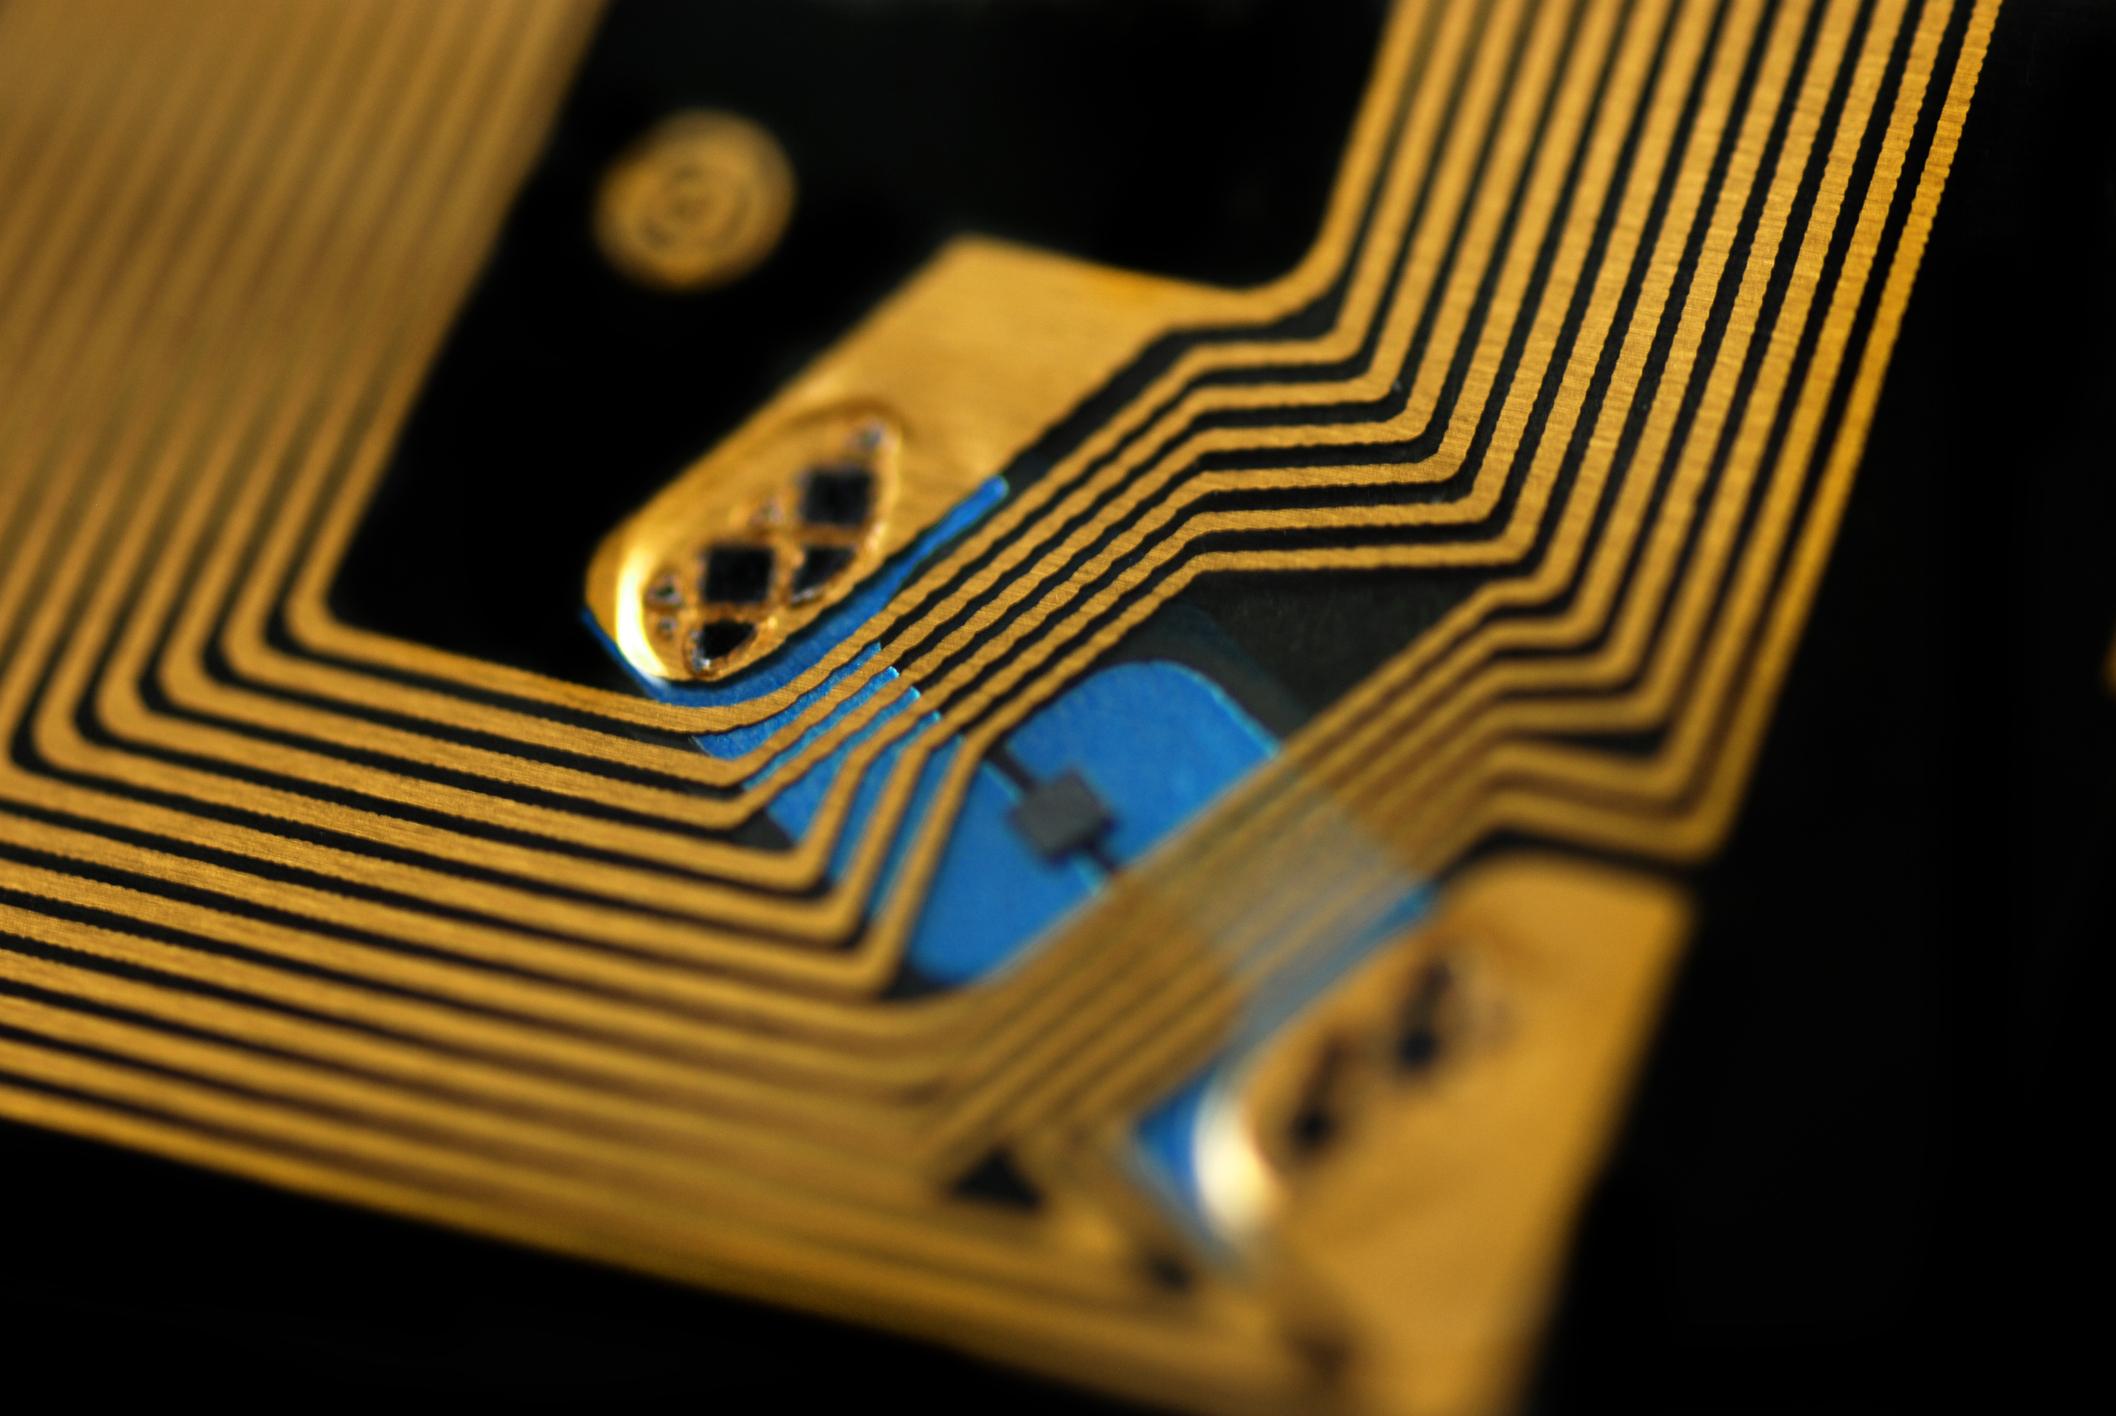 An RFID chip